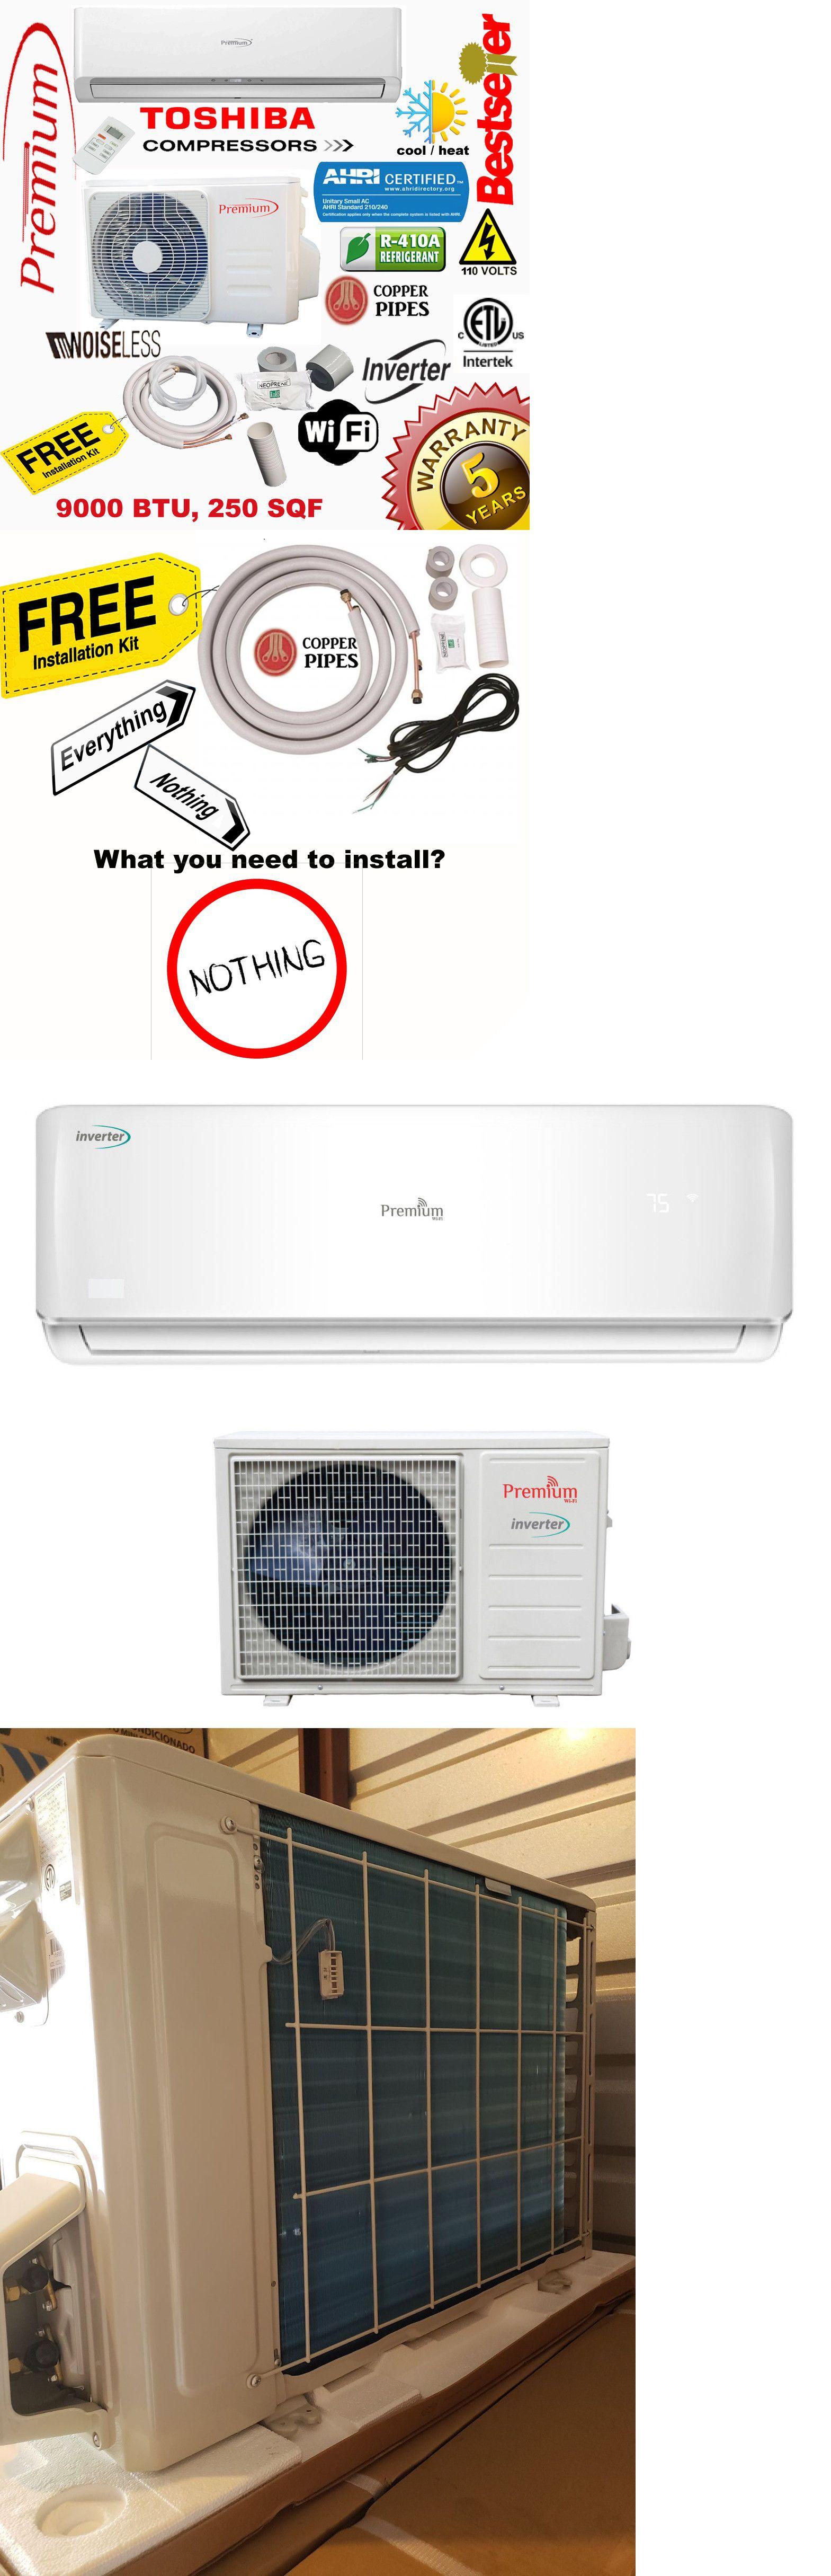 Central Air Conditioners 185108 Premium Mini Split 9000